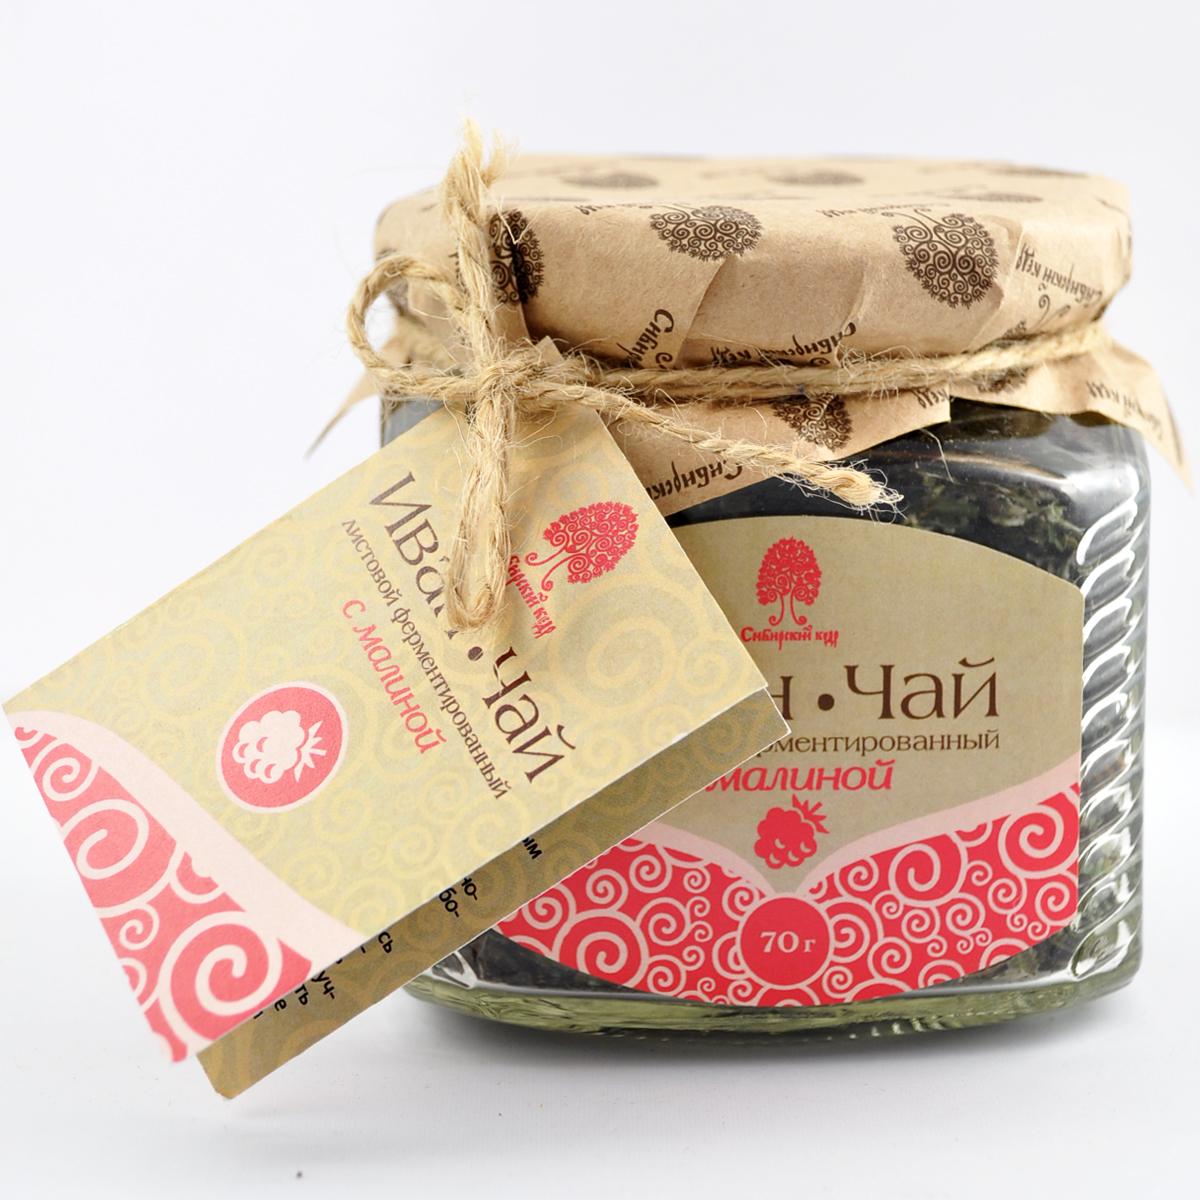 Чайный напиток Сибирский кедр Иван чай с плодами и листьями малины, 70 г иван чай с облепихой русский чай 75 г